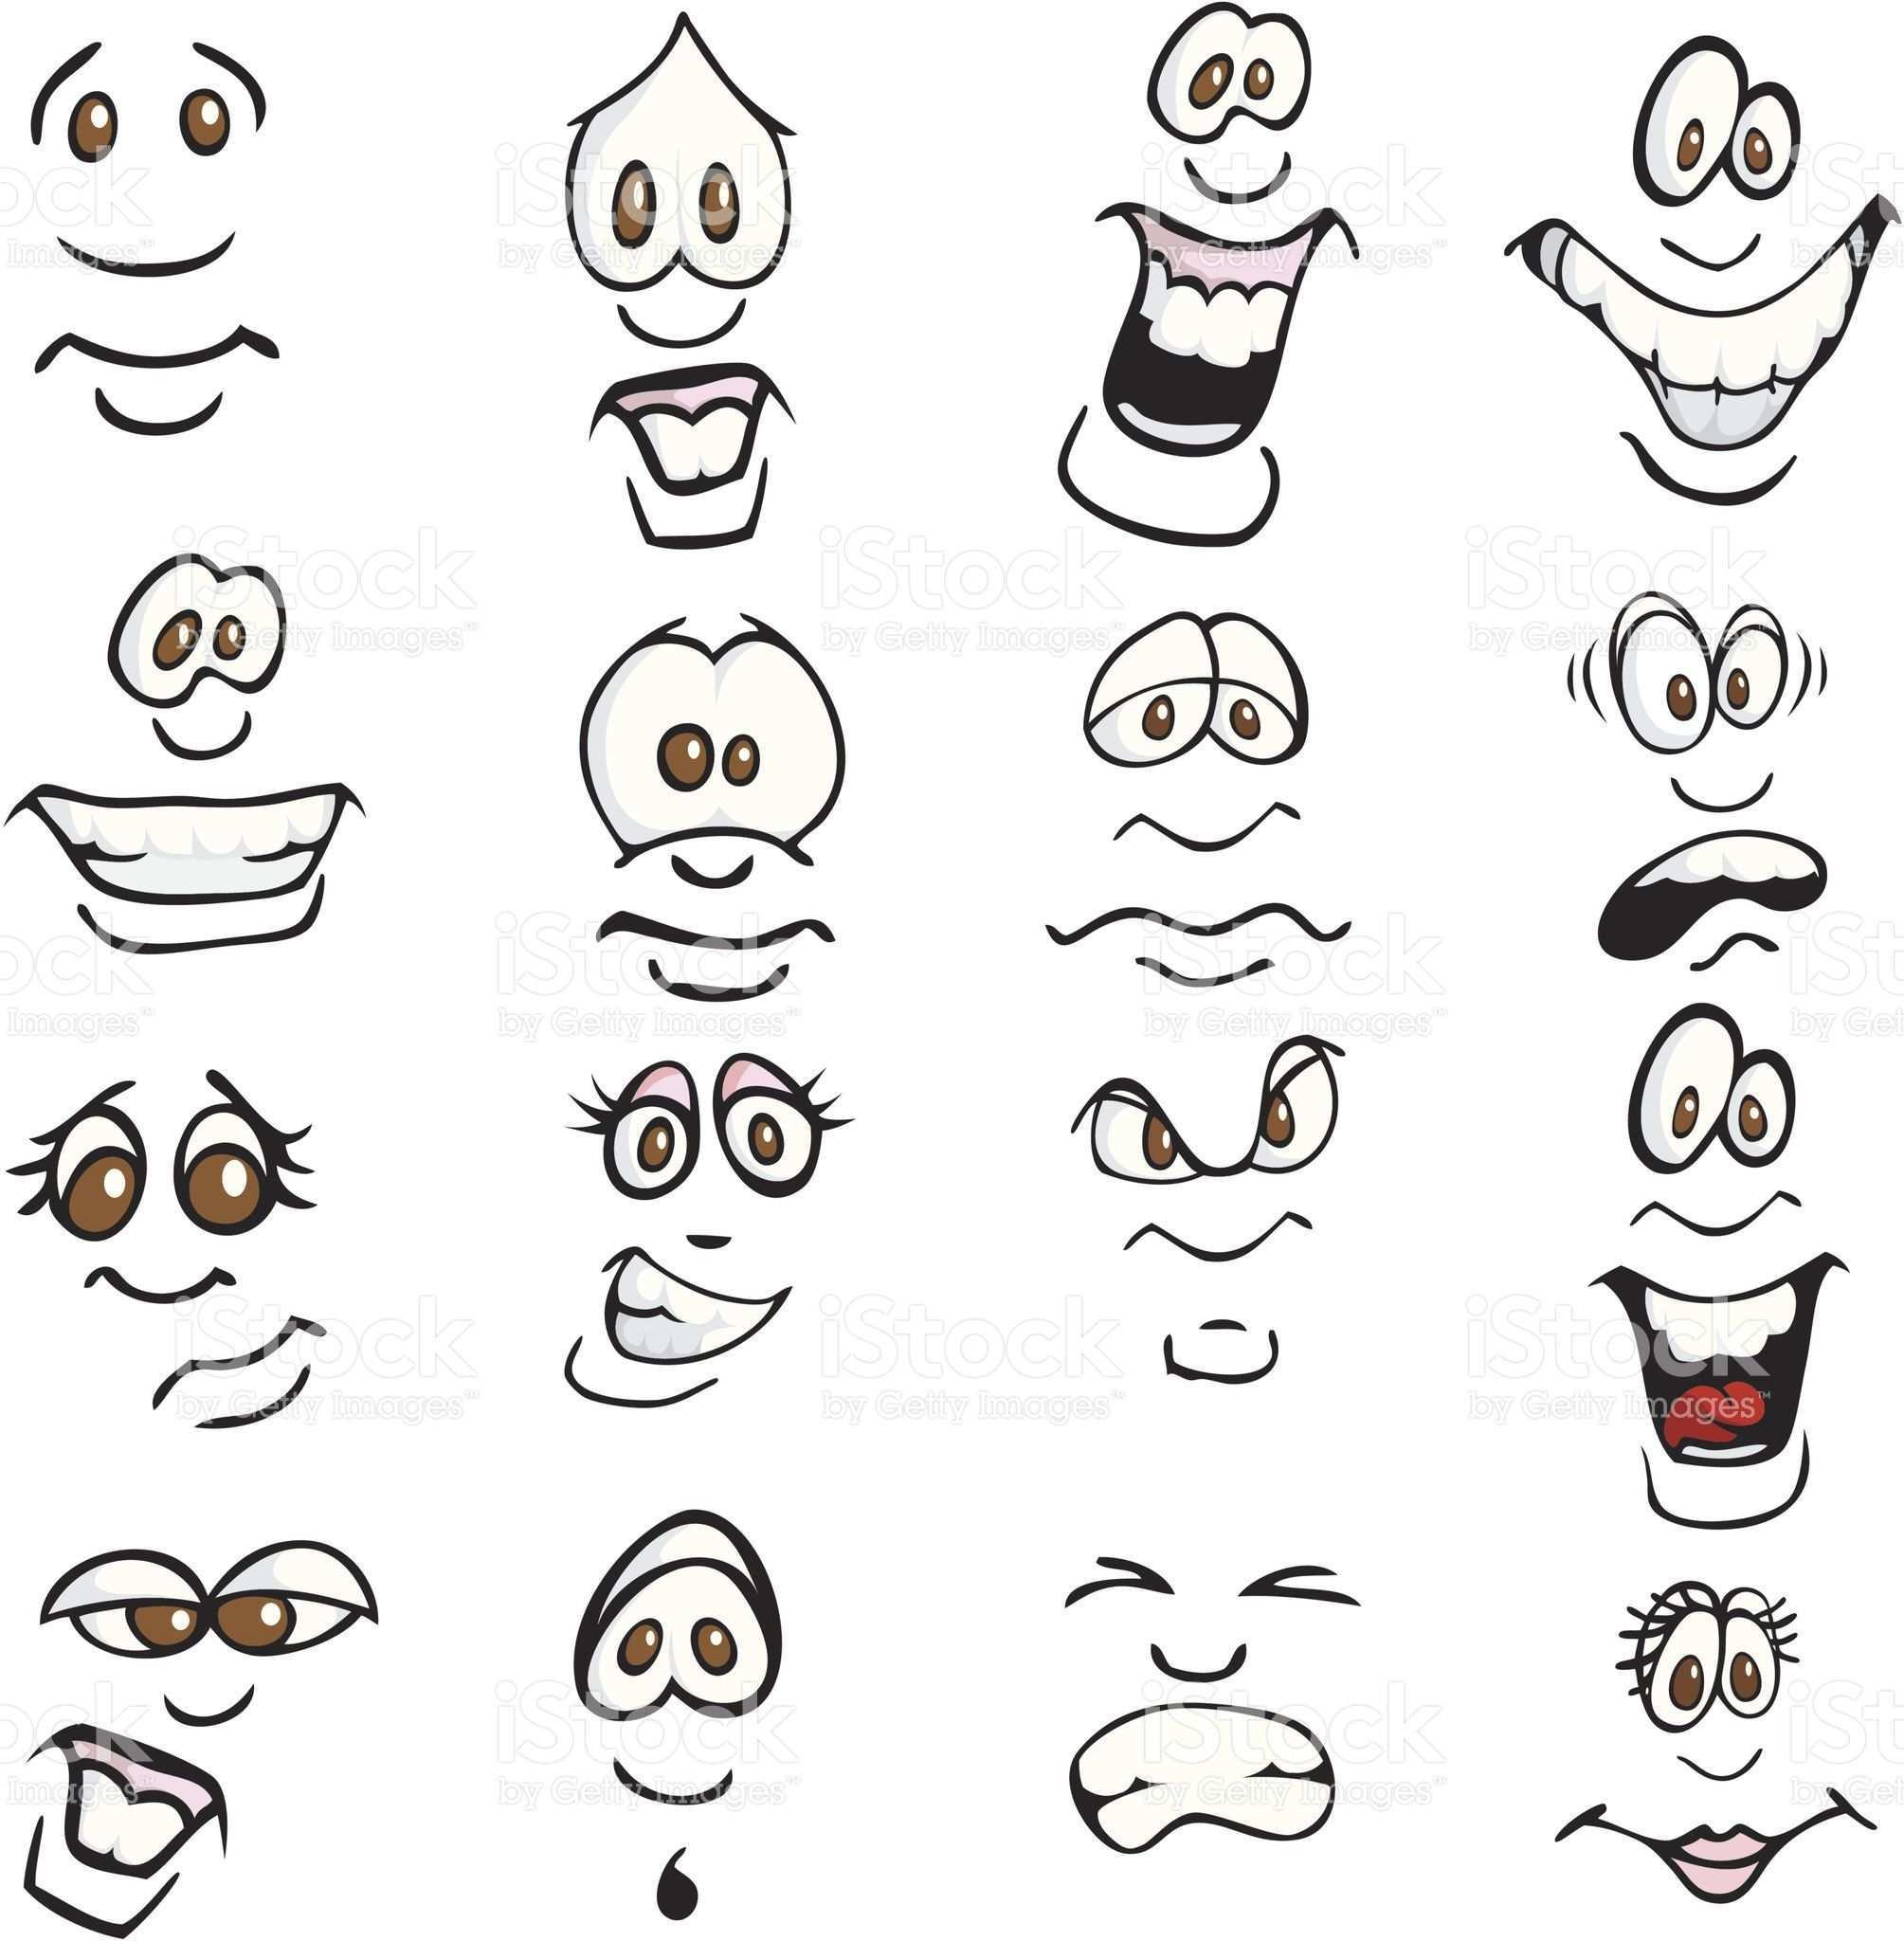 Comic Expressions Lizenzfreies Vektor Illustration Cartoon Zeichnungen Zeichentrickgesichter Gesicht